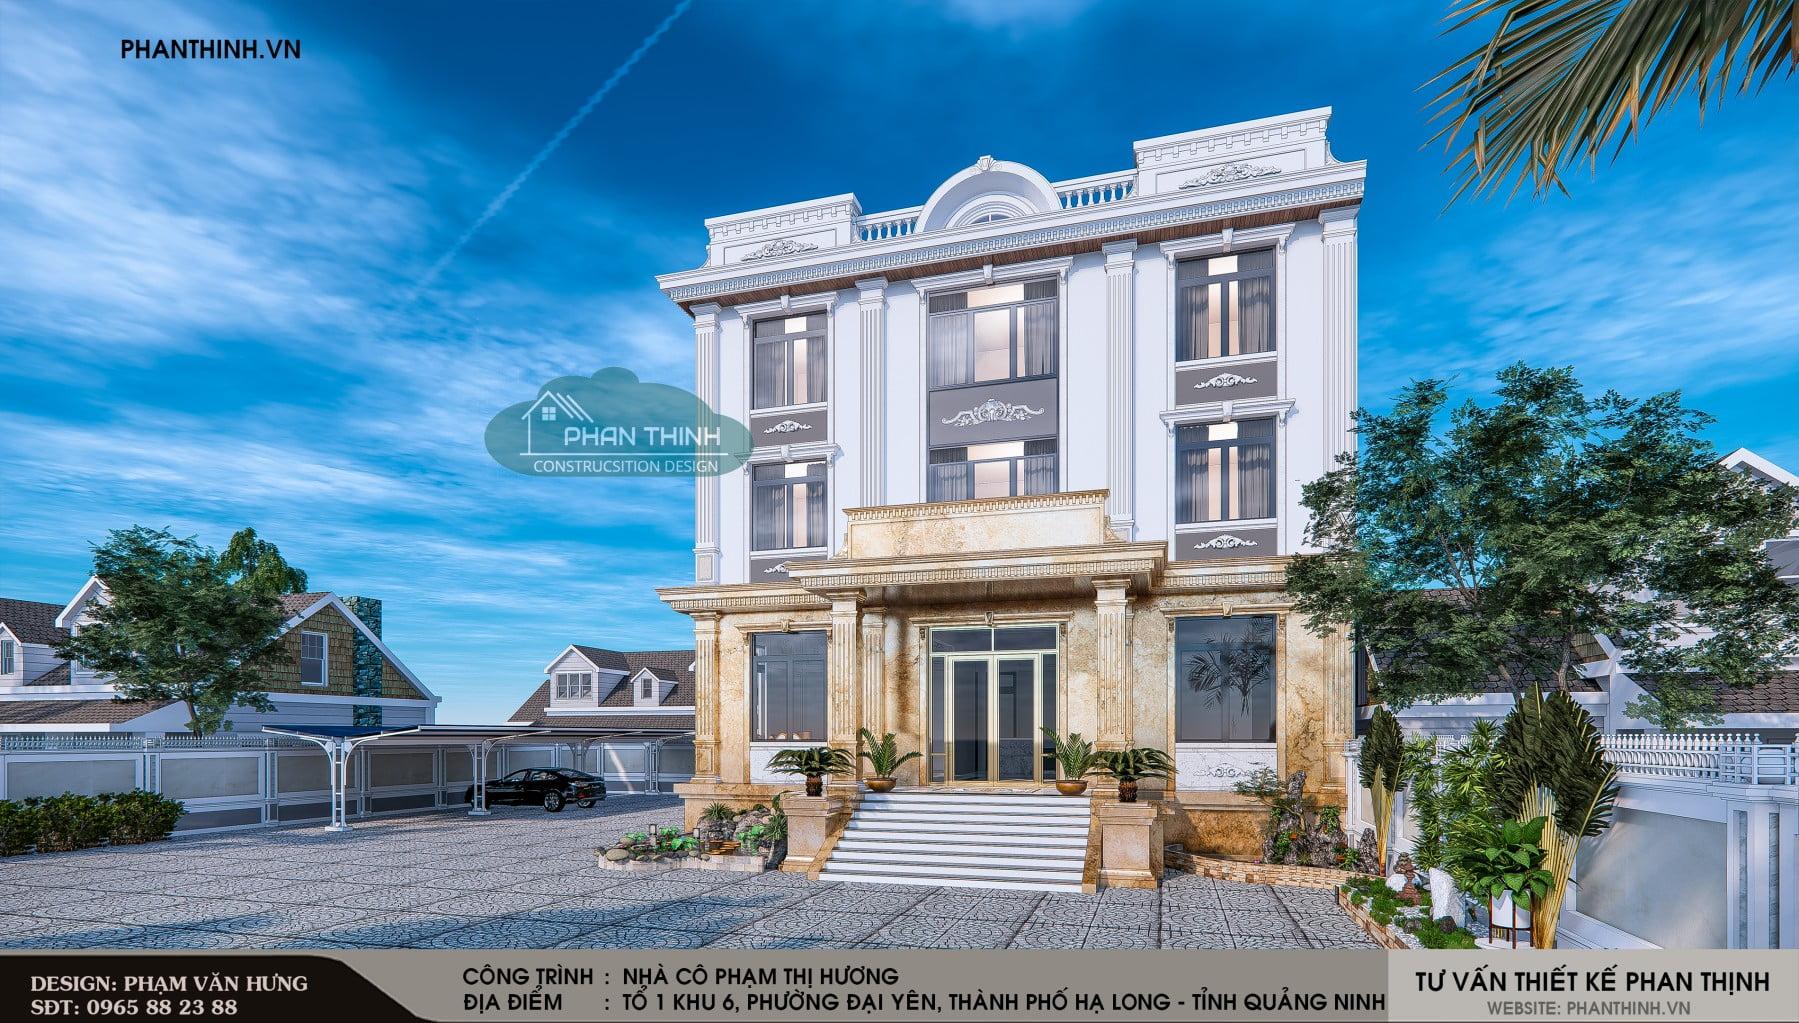 Phối cảnh mặt tiền căn nhà nghỉ 3 tầng mang phong cách tân cổ điển tại Phường Đại Yên, thành phố Hạ Long.